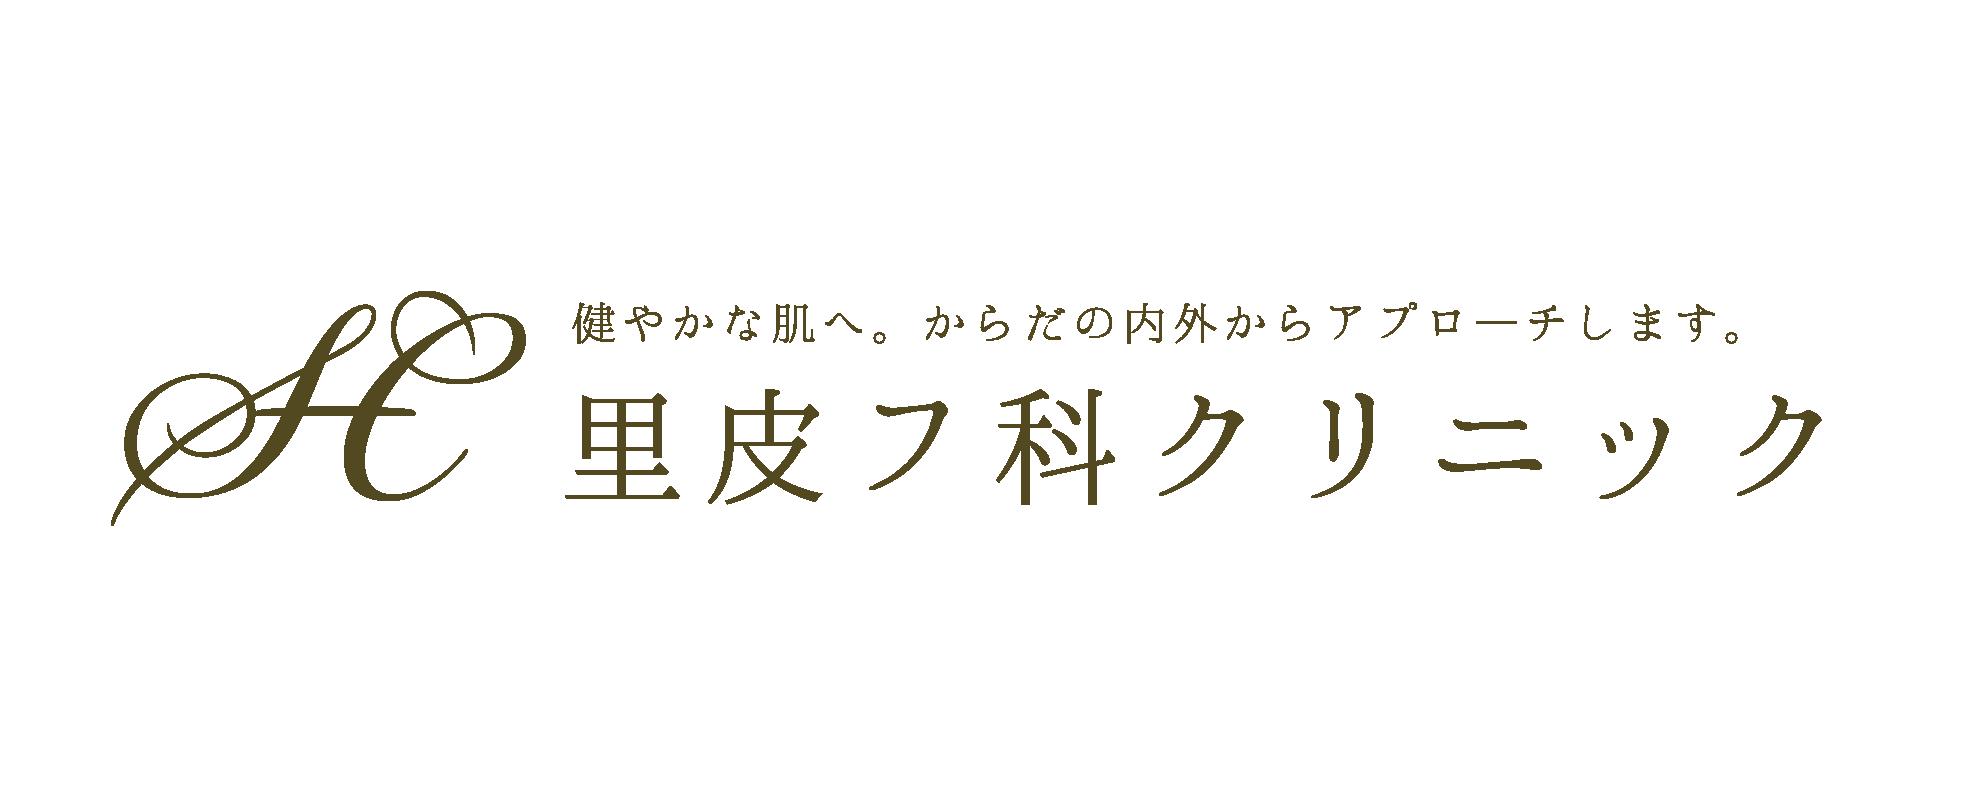 logo_footer_honin